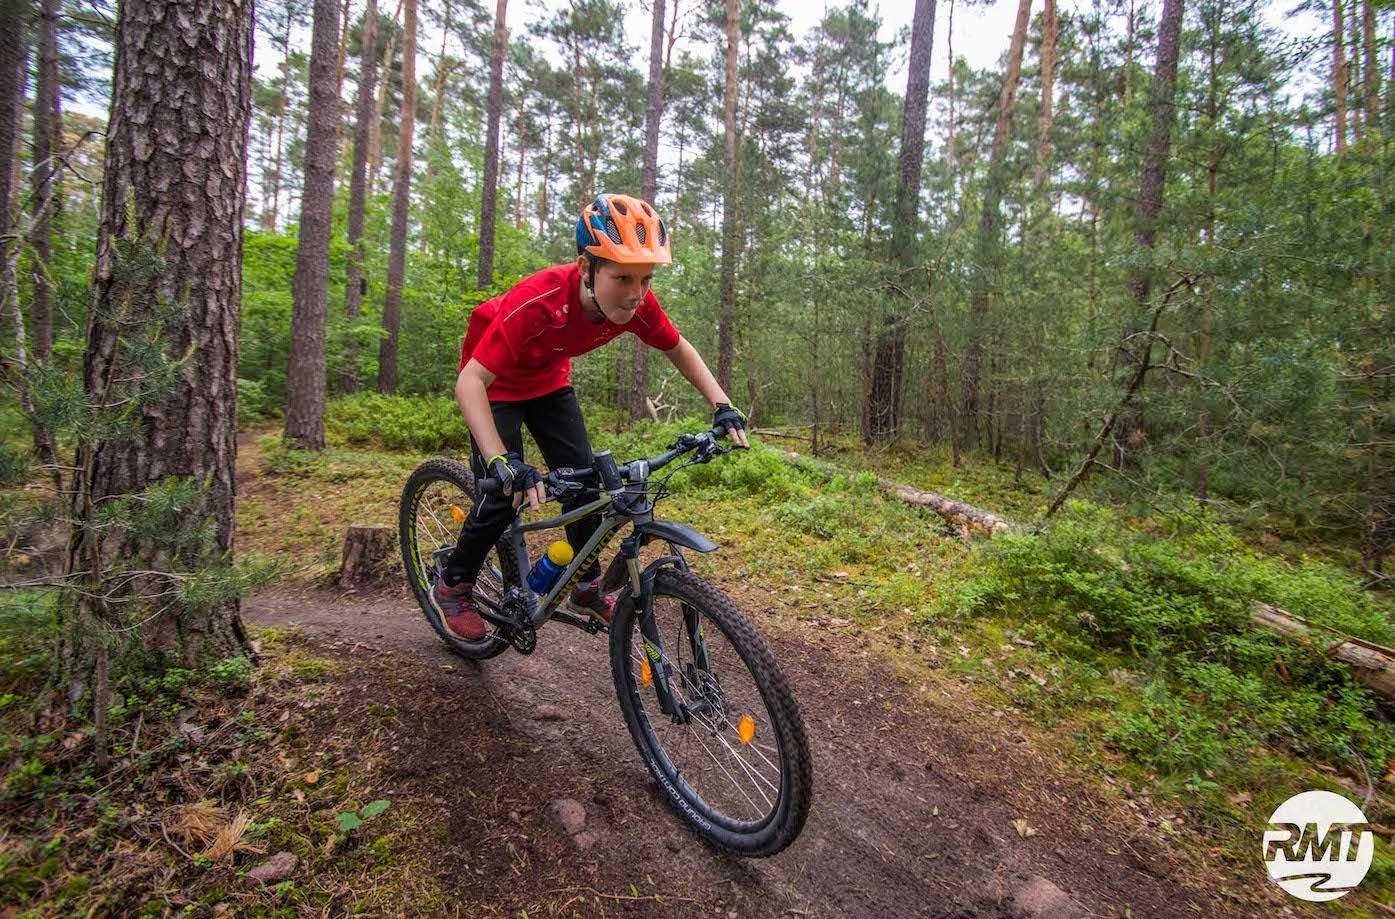 Mountainbike Kinder Kurs in Witten |Ruhrgebiet - 8-12 Jahre Kids - Rock my Trail Fahrtechnik Bikeschule GmbH